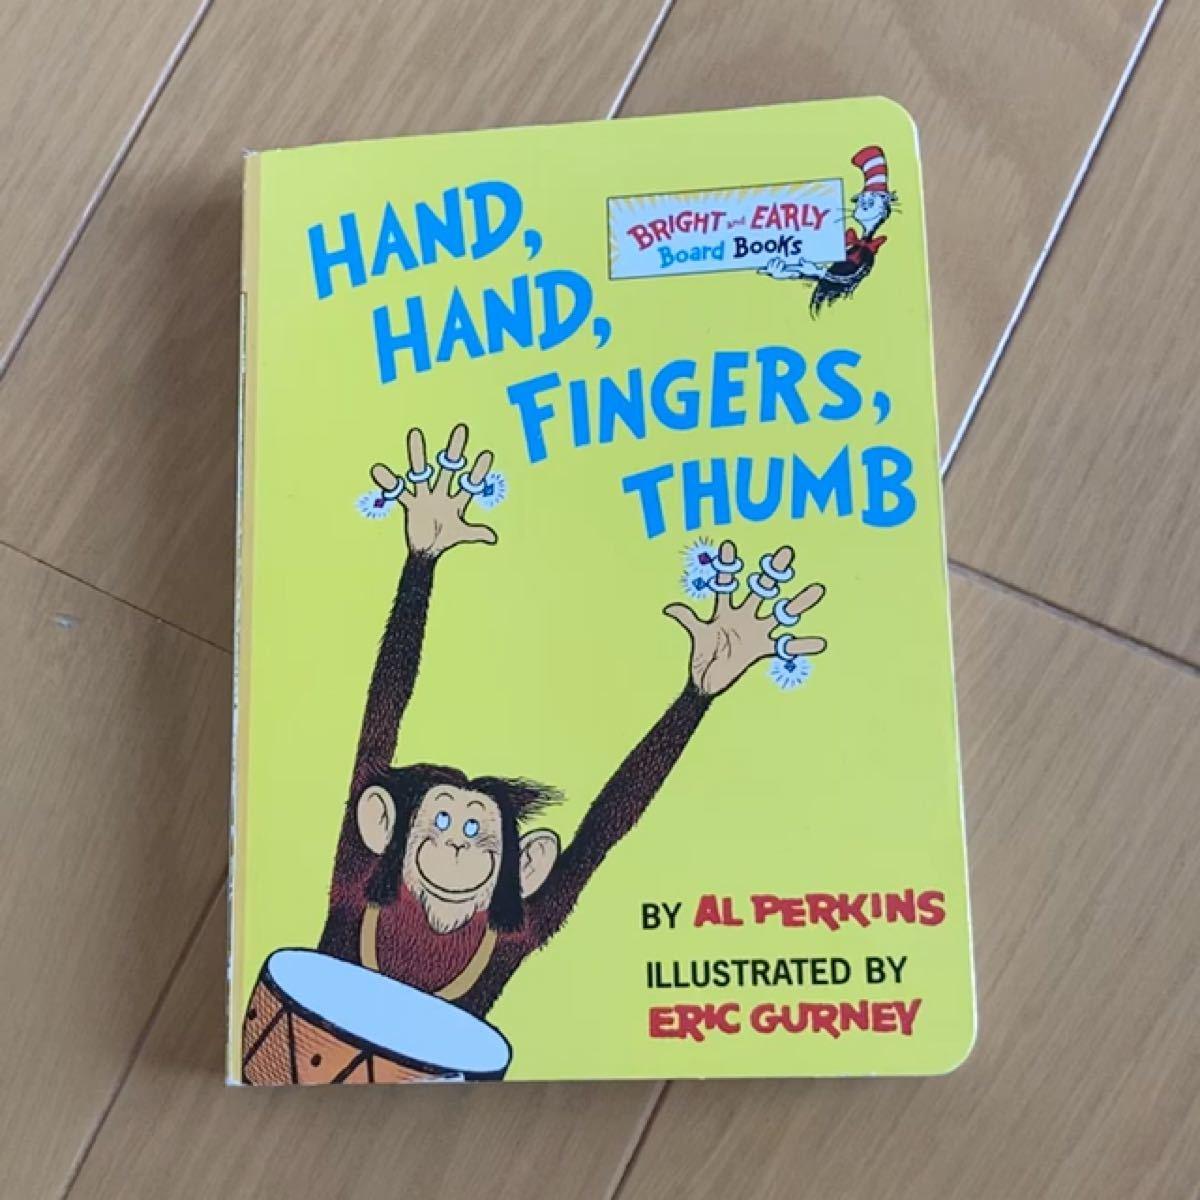 【英語絵本】Hand, Hand, Fingers, Thumb